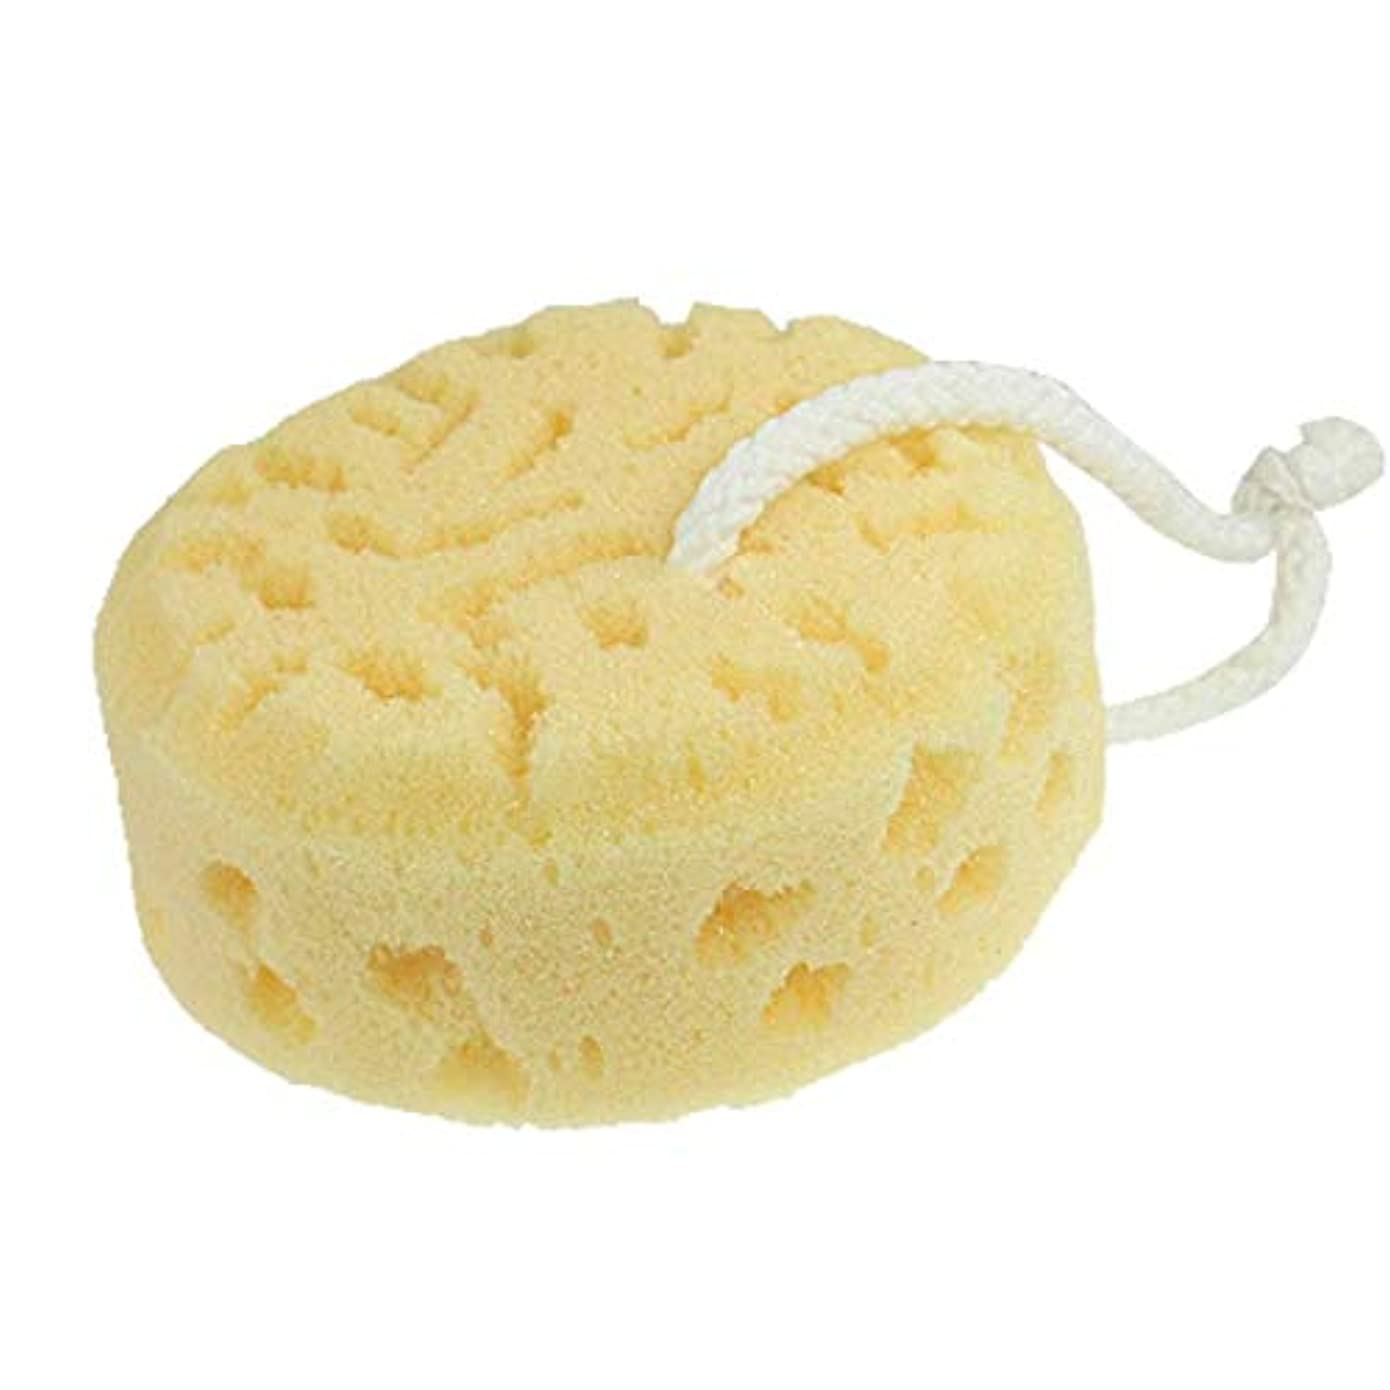 ヘクタールギター分数Uotyle ボディスポンジ 泡立ち ふわふわ お風呂用 ボディ用ブラシ 肌にやさしい 浴用スポンジ